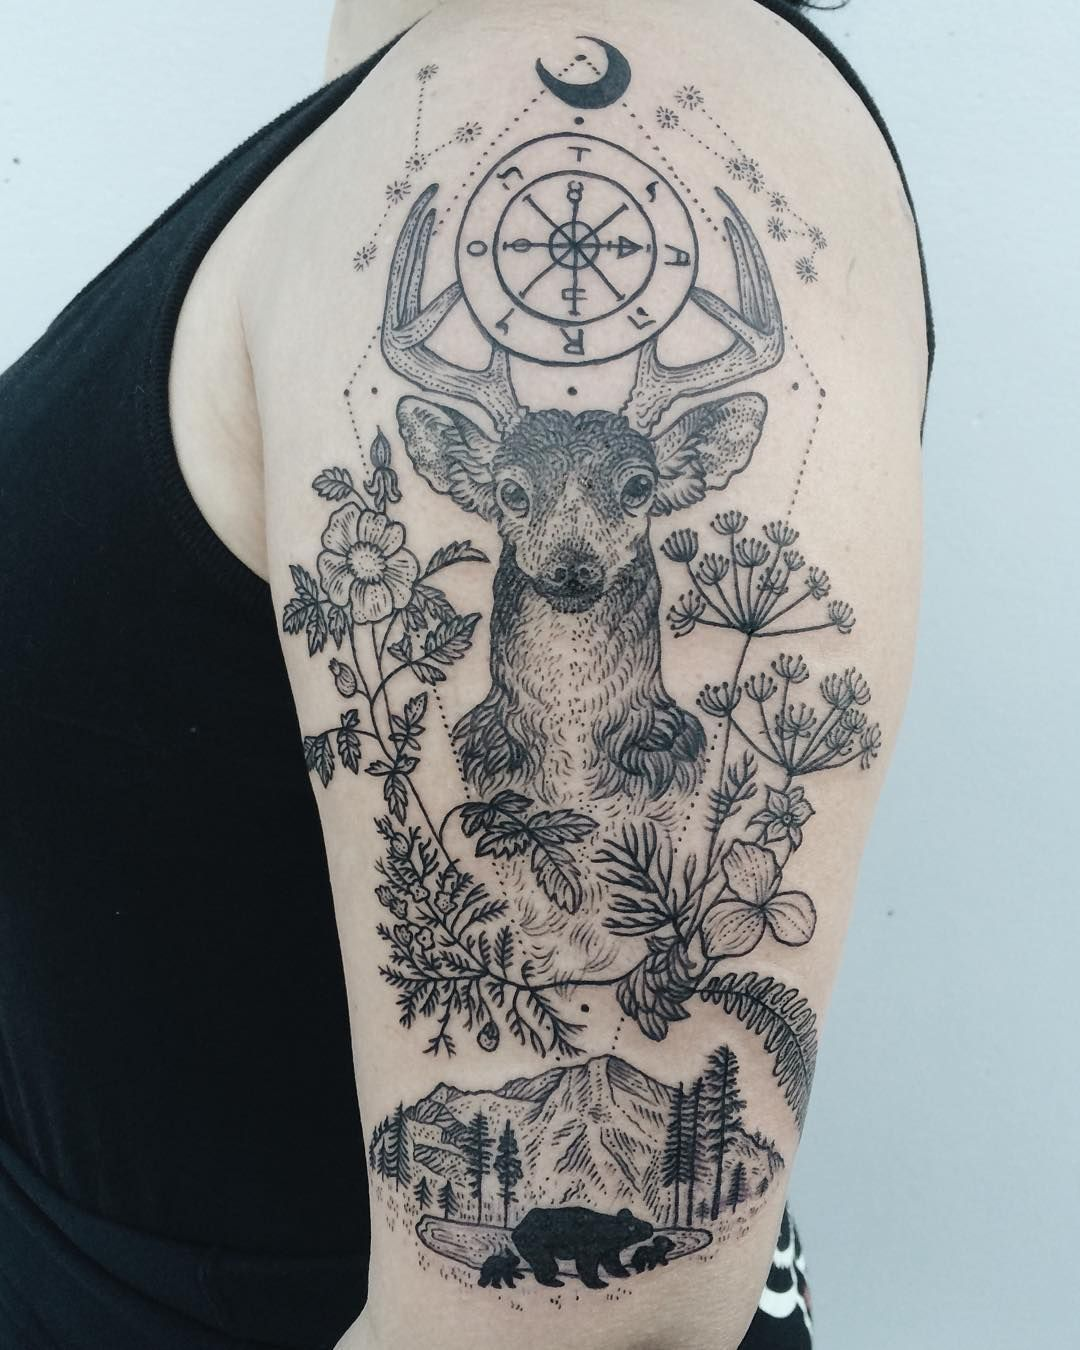 Deer Holding The Wheel Of Fortune Tarot Symbol Between